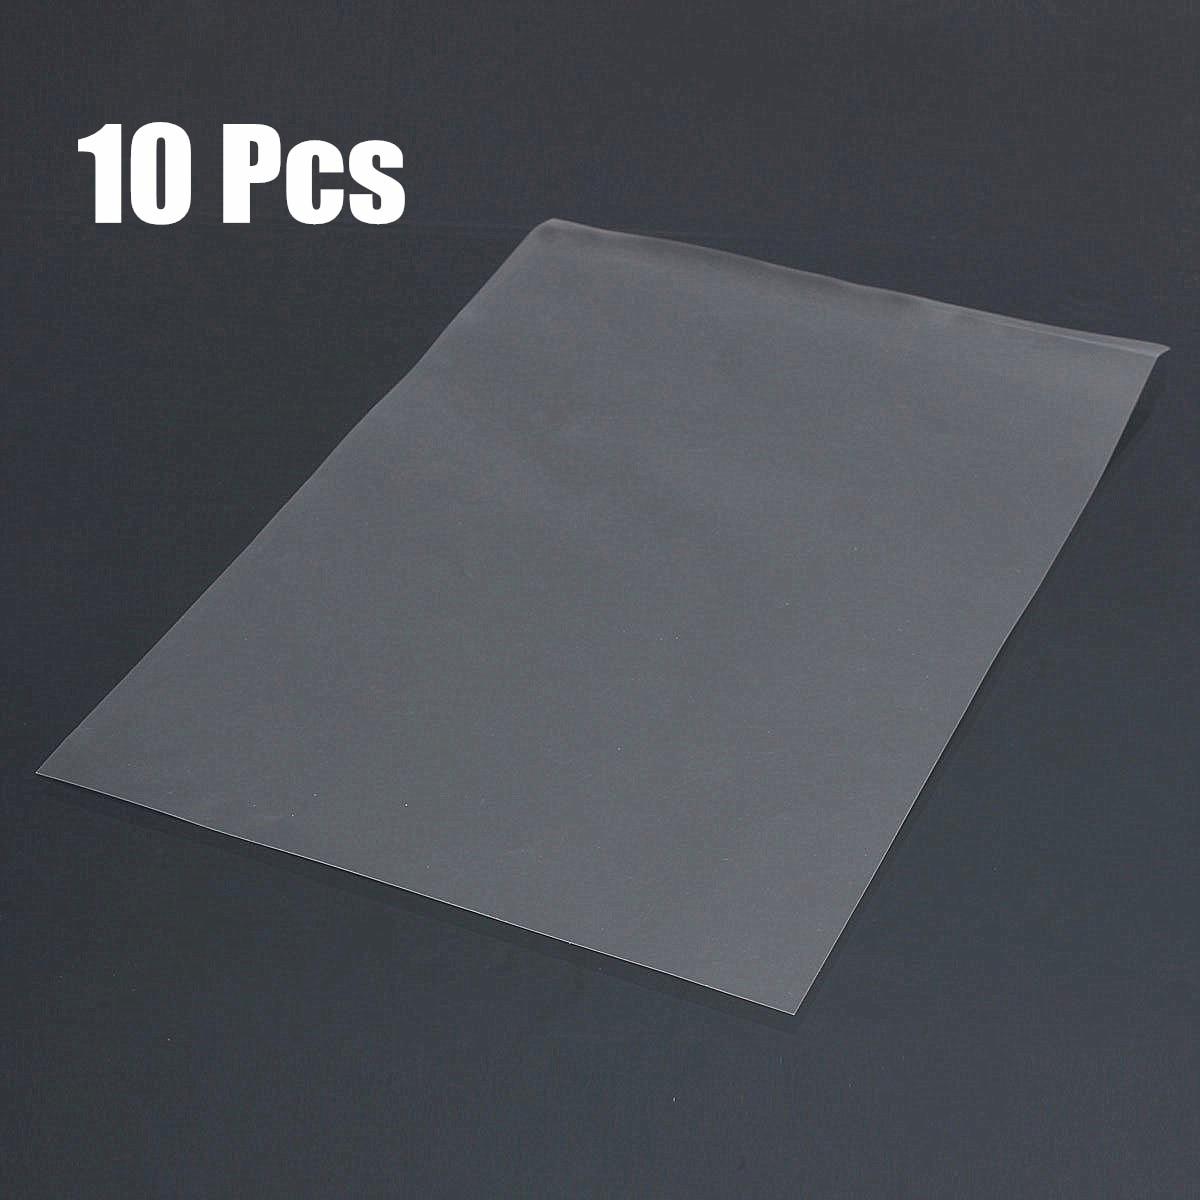 Rouge Format A4/297/x 210/mm 2/x Hot Flex fer sur papier transfert V/êtements v/êtement de vinyle